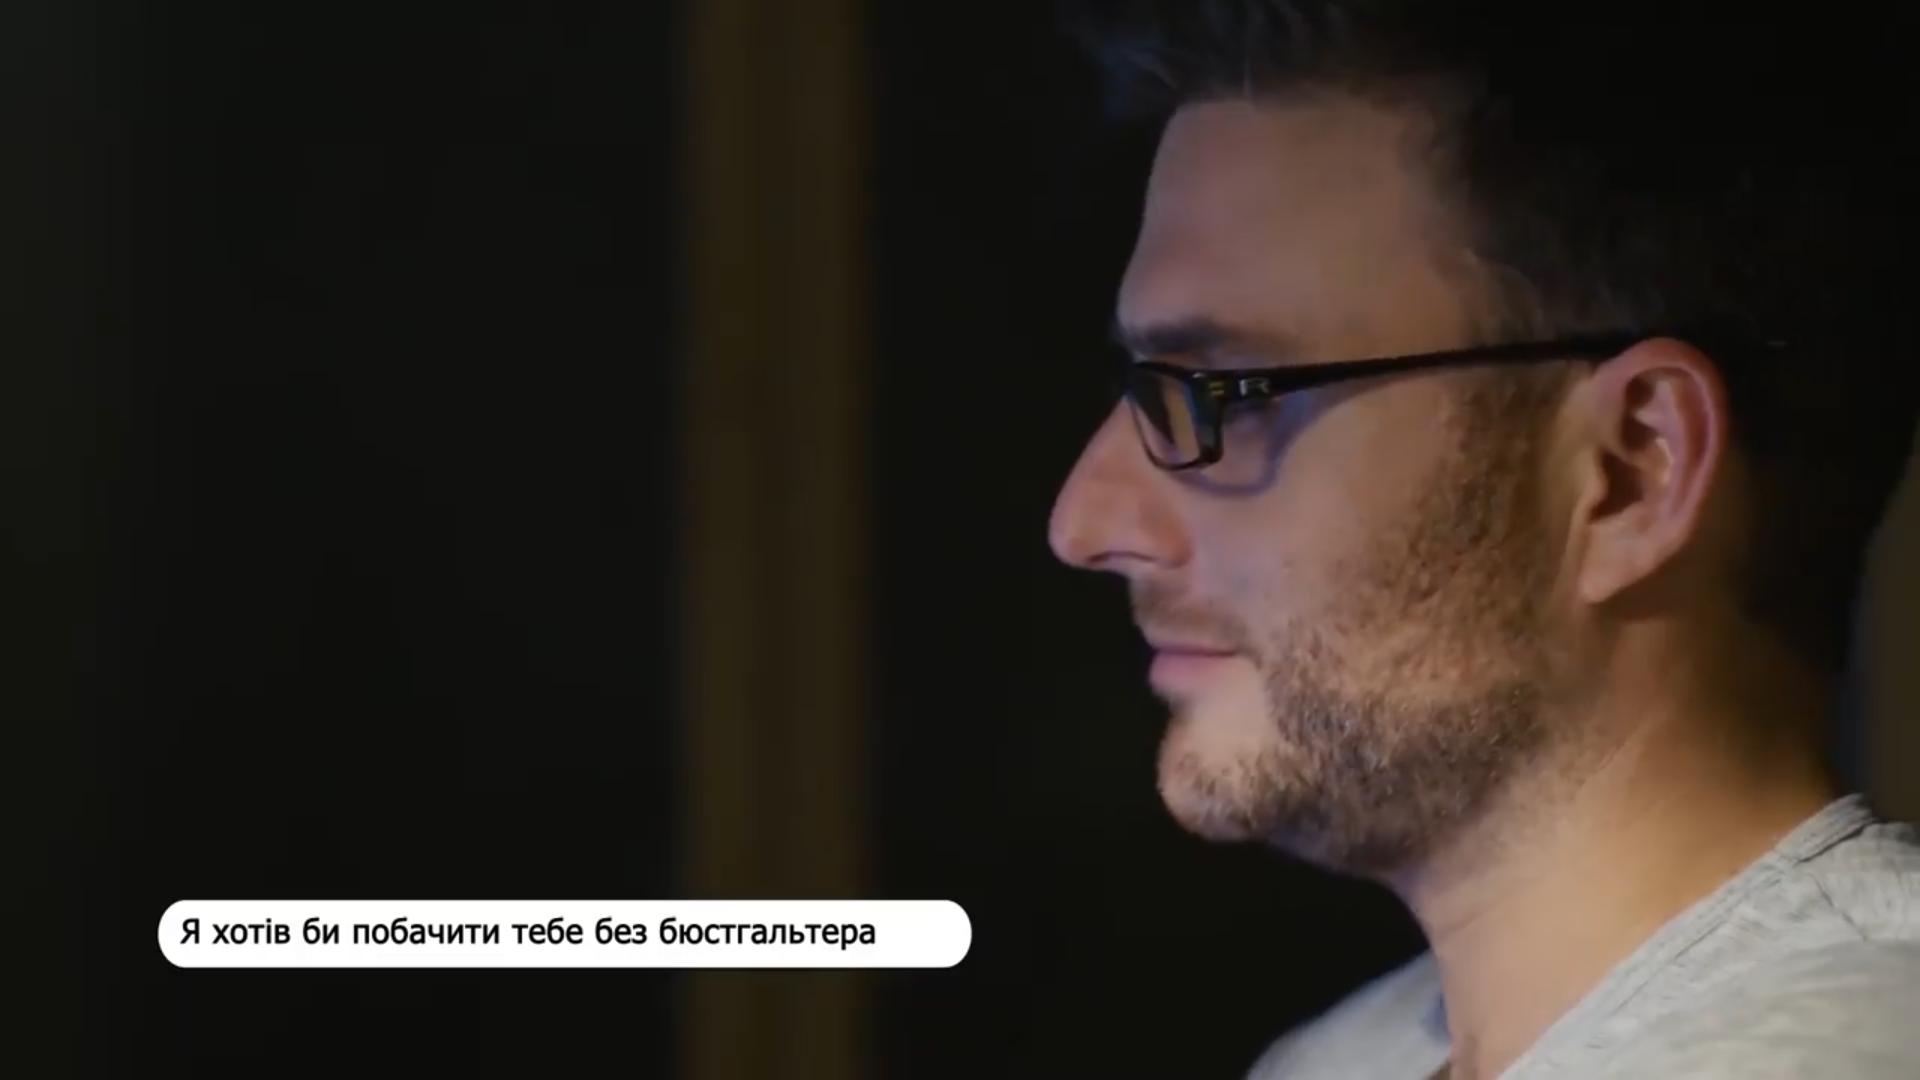 video-erotika-s-devochkami-onlayn-12